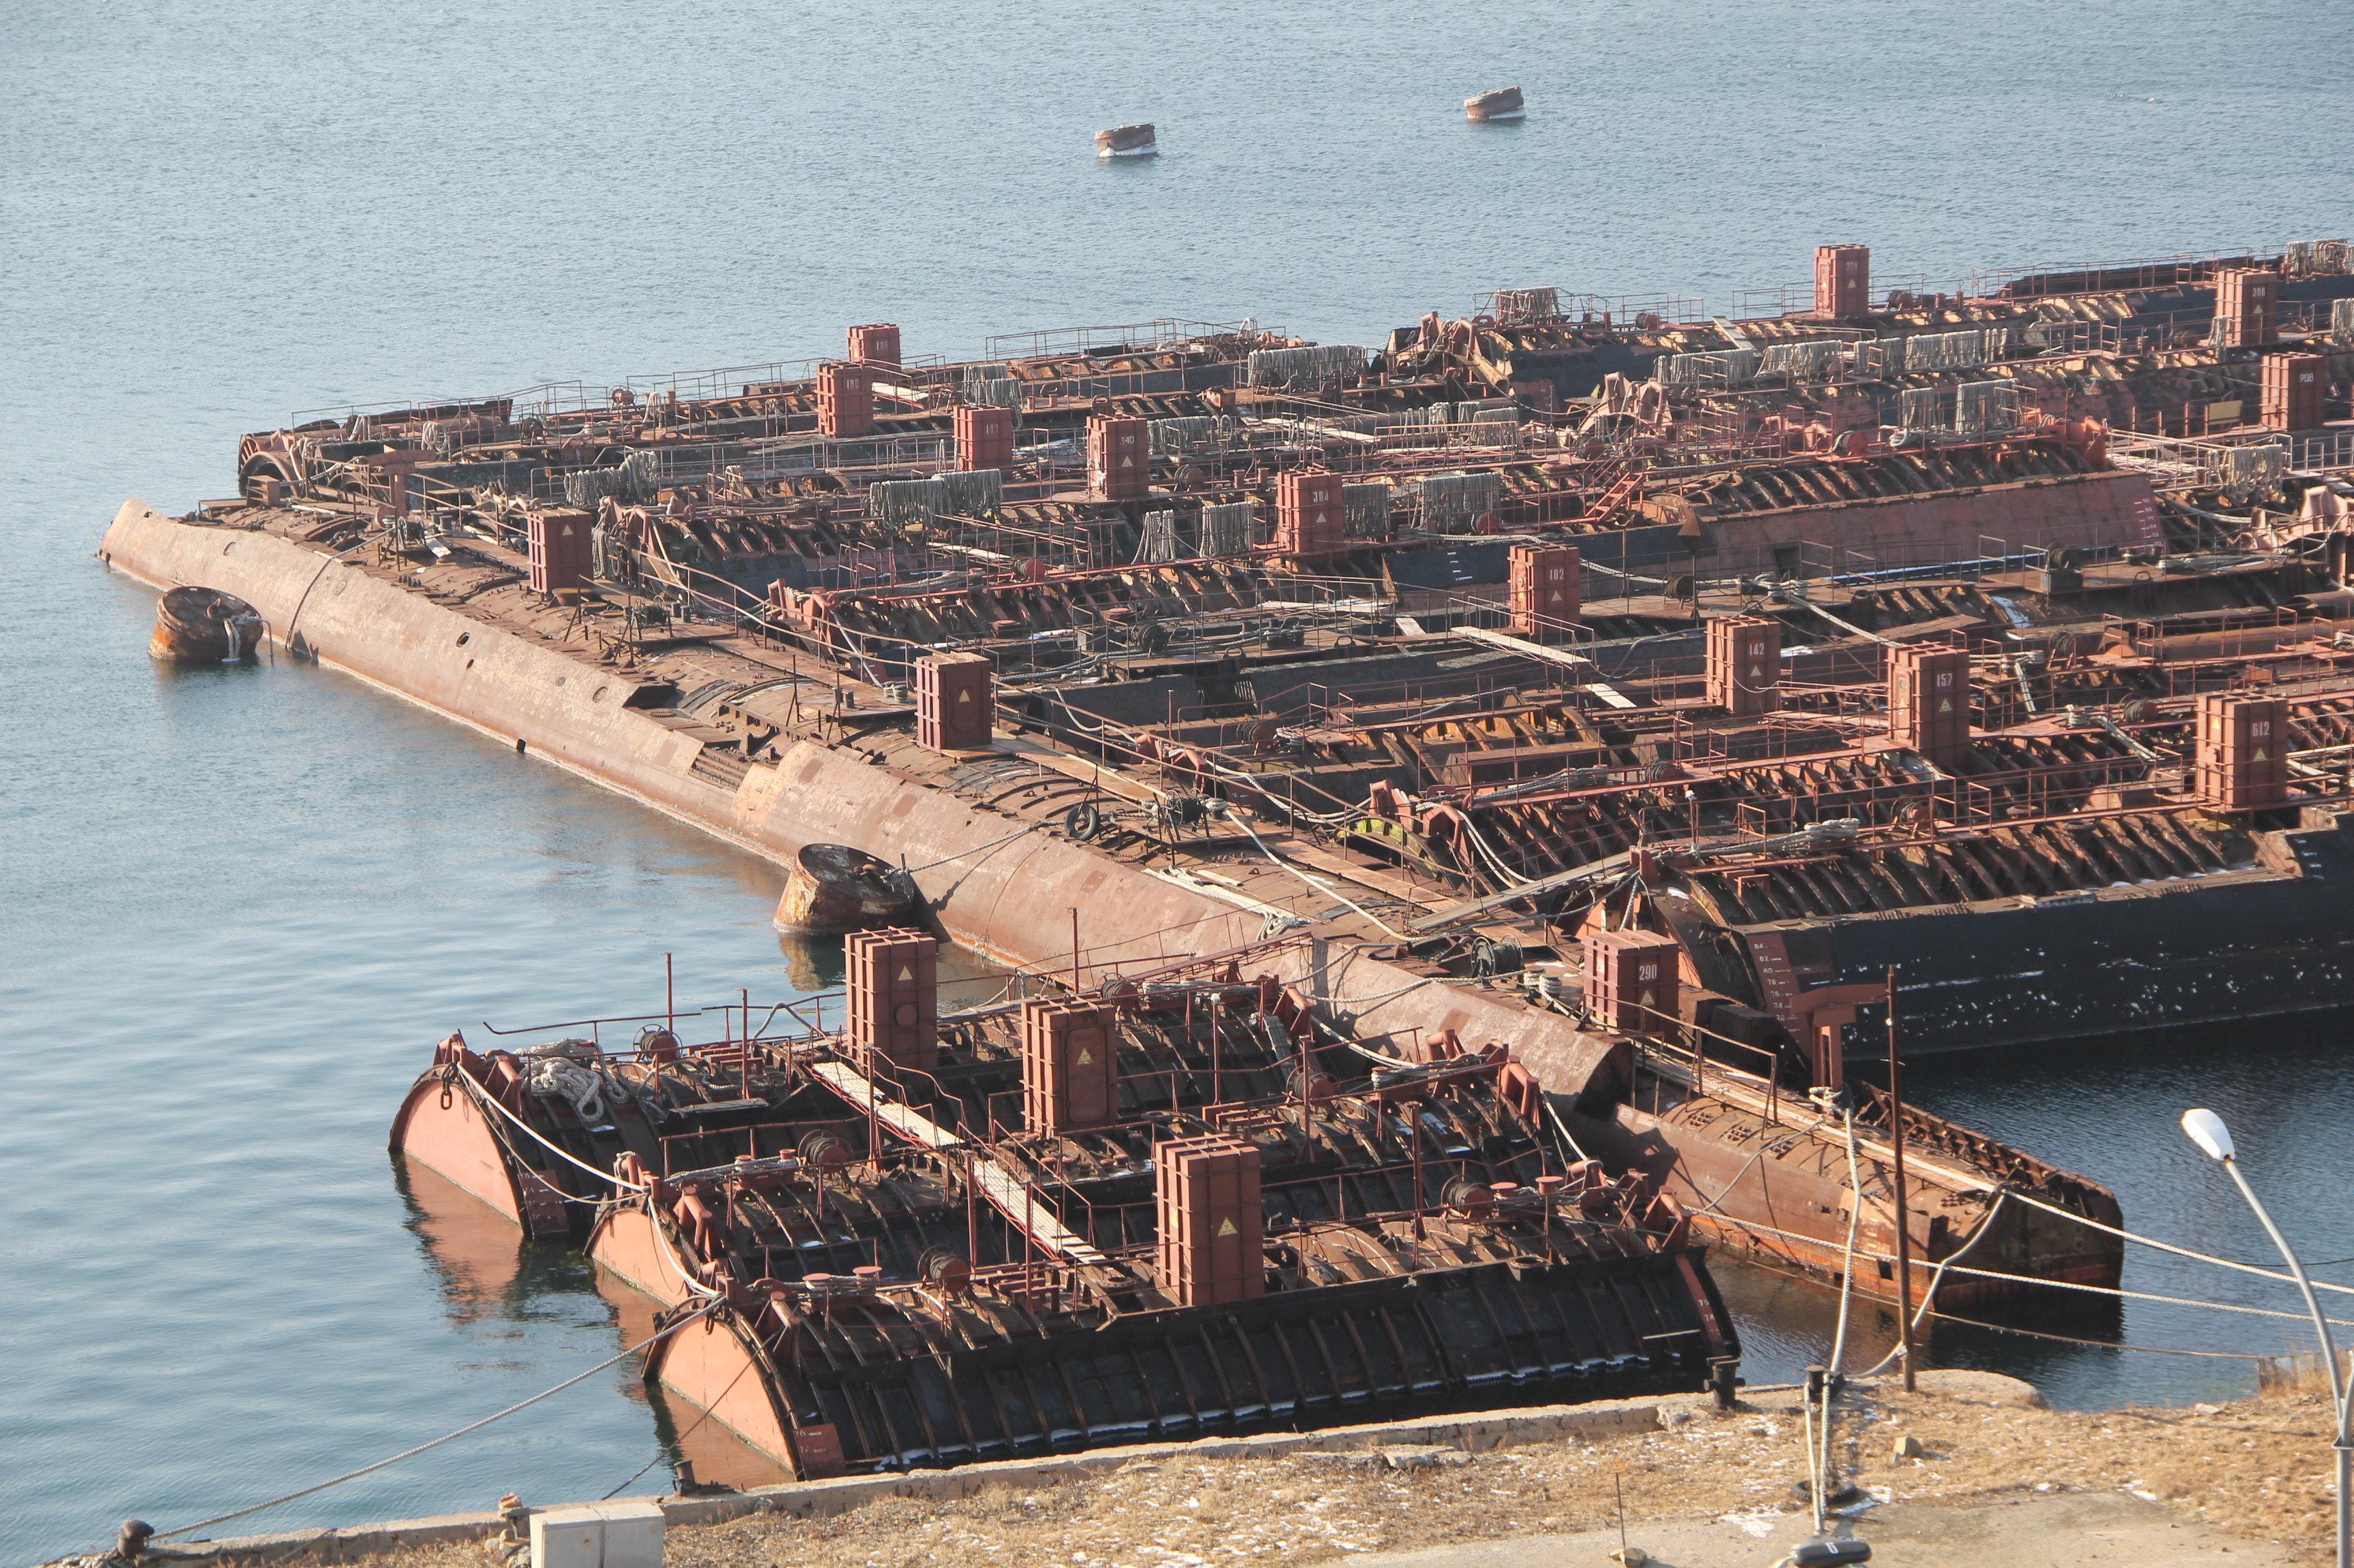 соглашение об утилизации подводных лодок